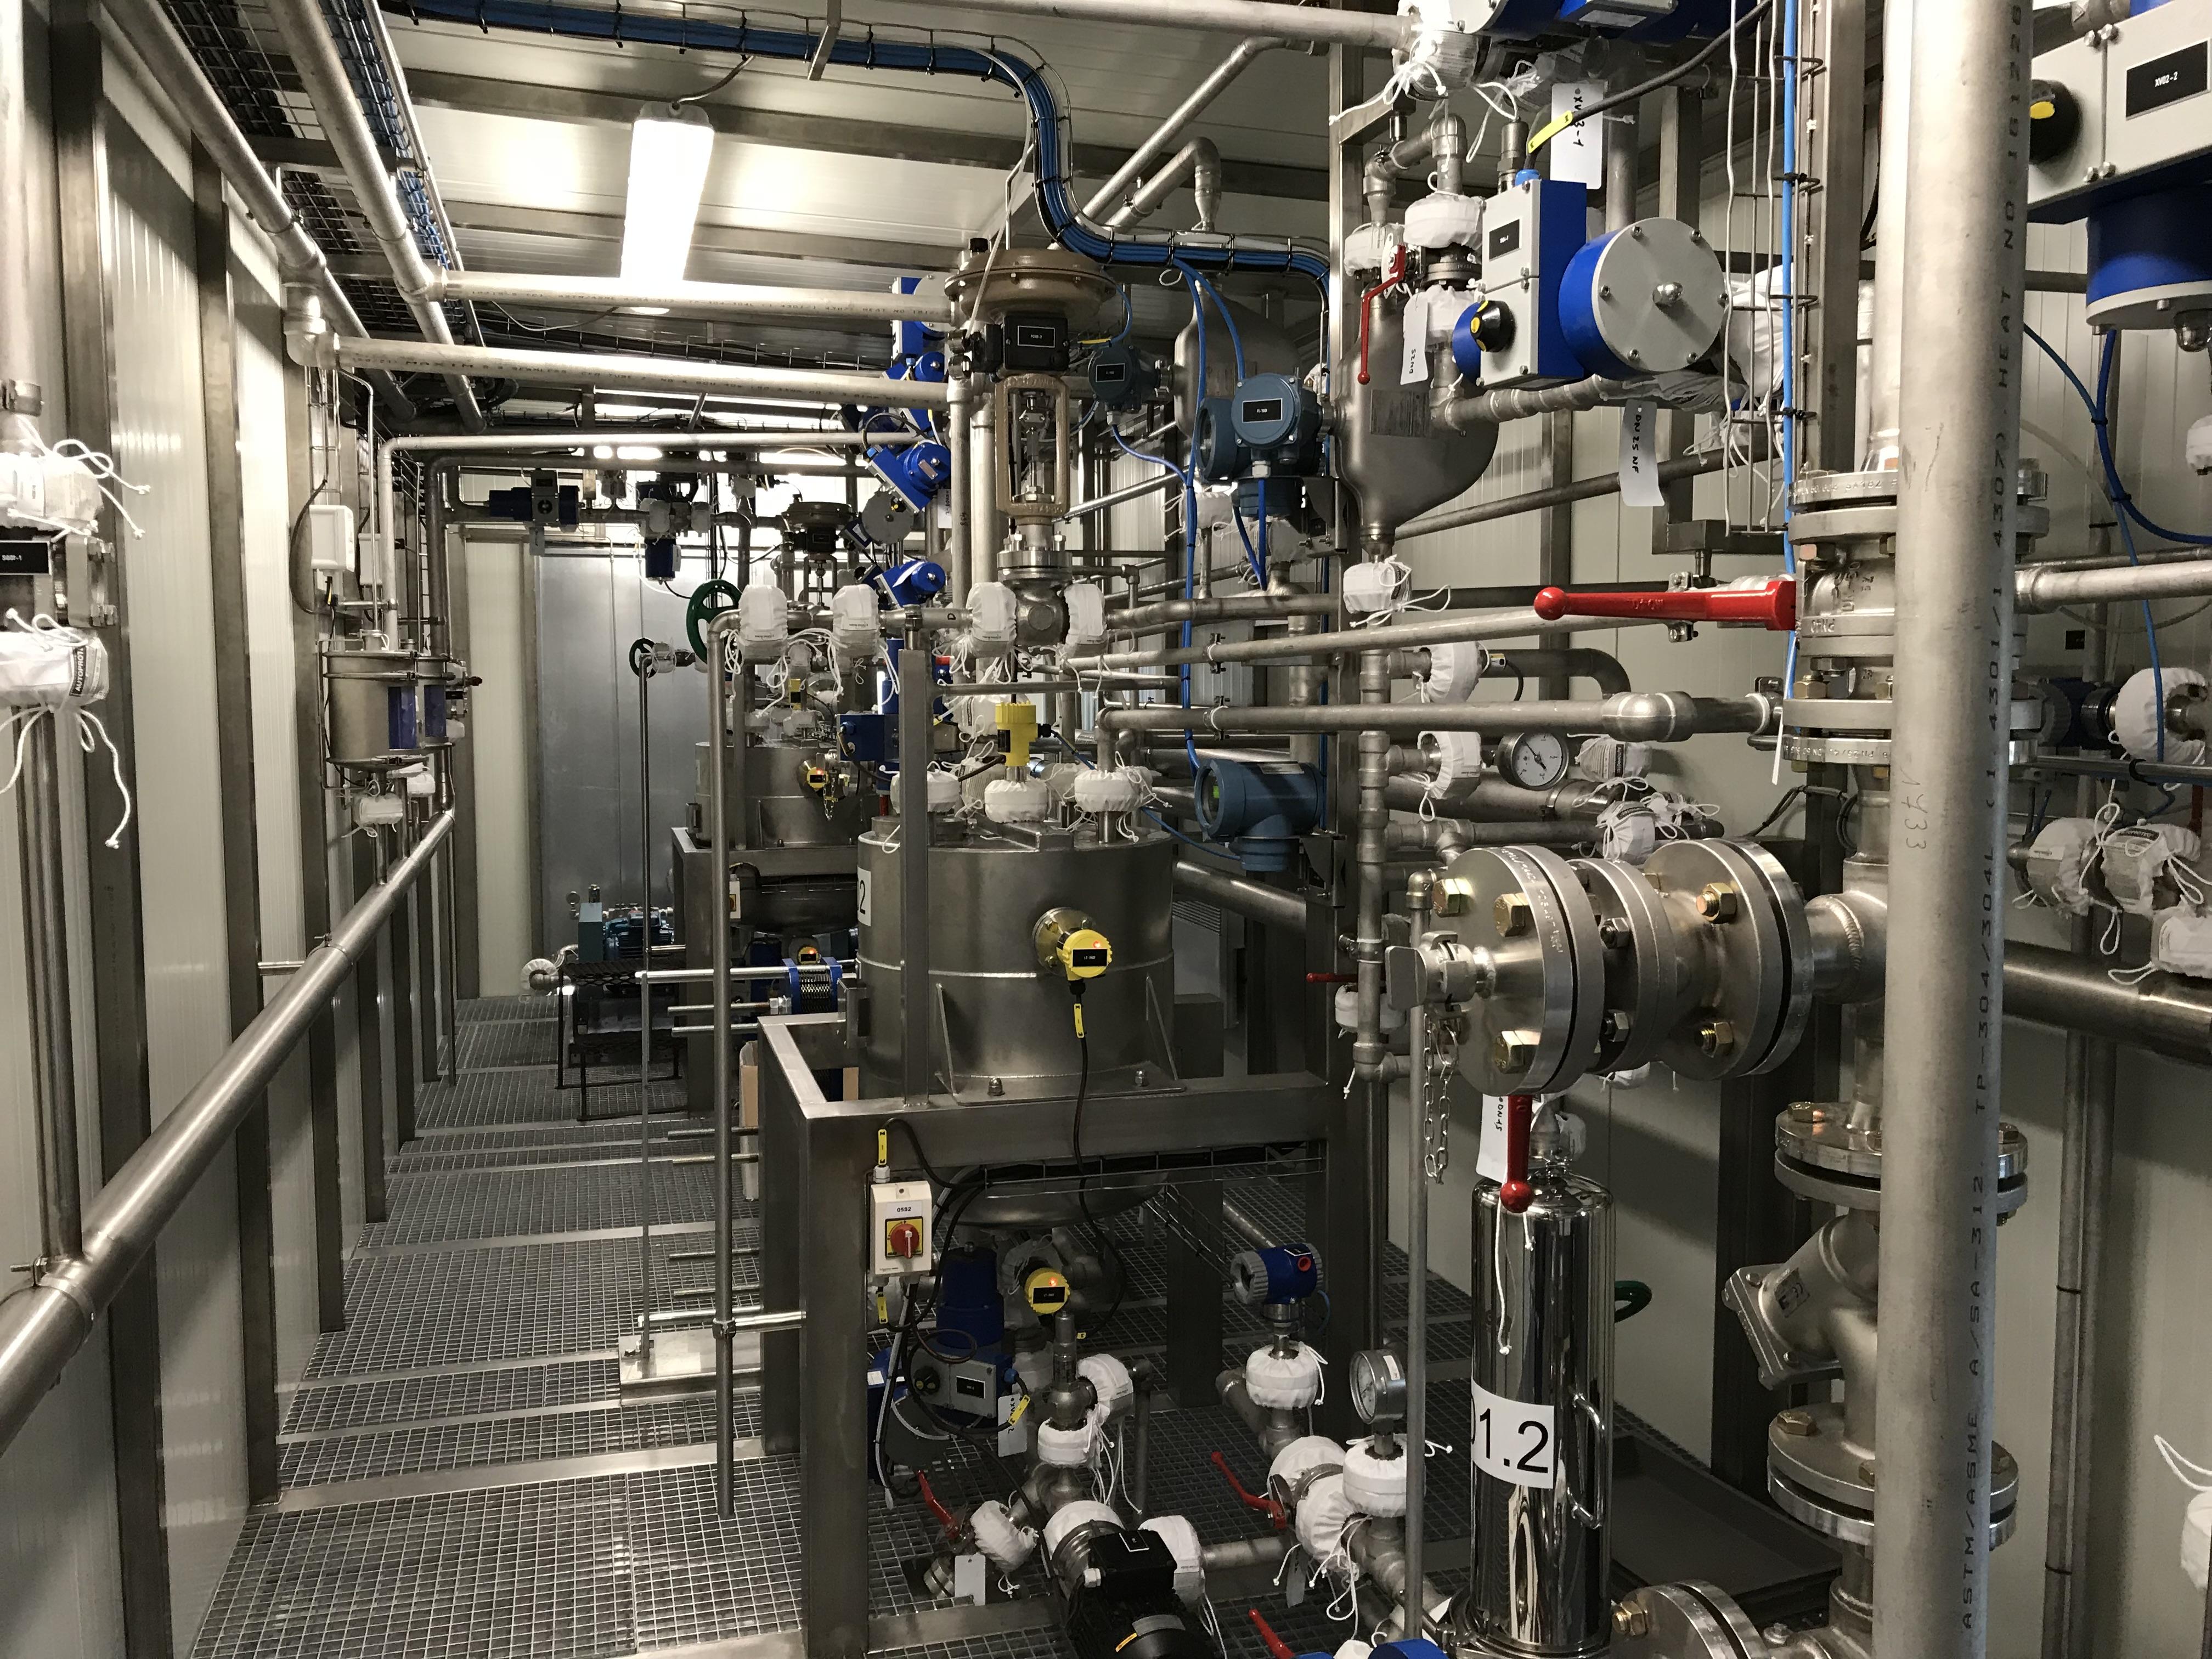 Mise En Service D'une Unité Industrielle D'osmose Inverse Double Passe